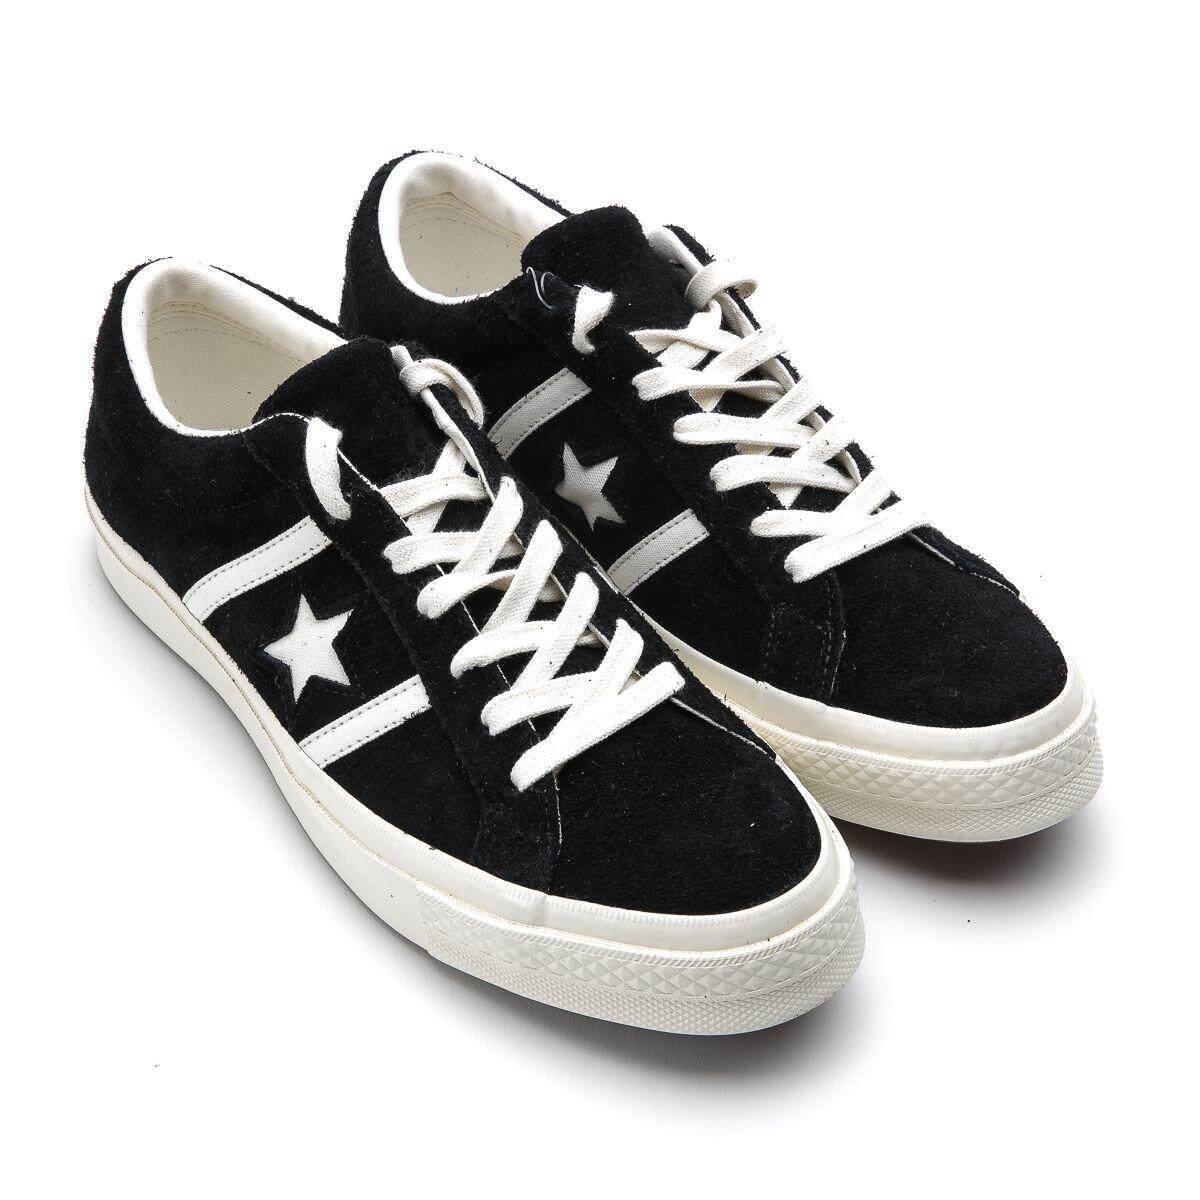 การใช้งาน  พัทลุง CONVERSE  รองเท้าผ้าใบผู้ชาย/ผู้หญิง รุ่น ONE STAR ACADEMY - 164525CS9BW (BLACK)